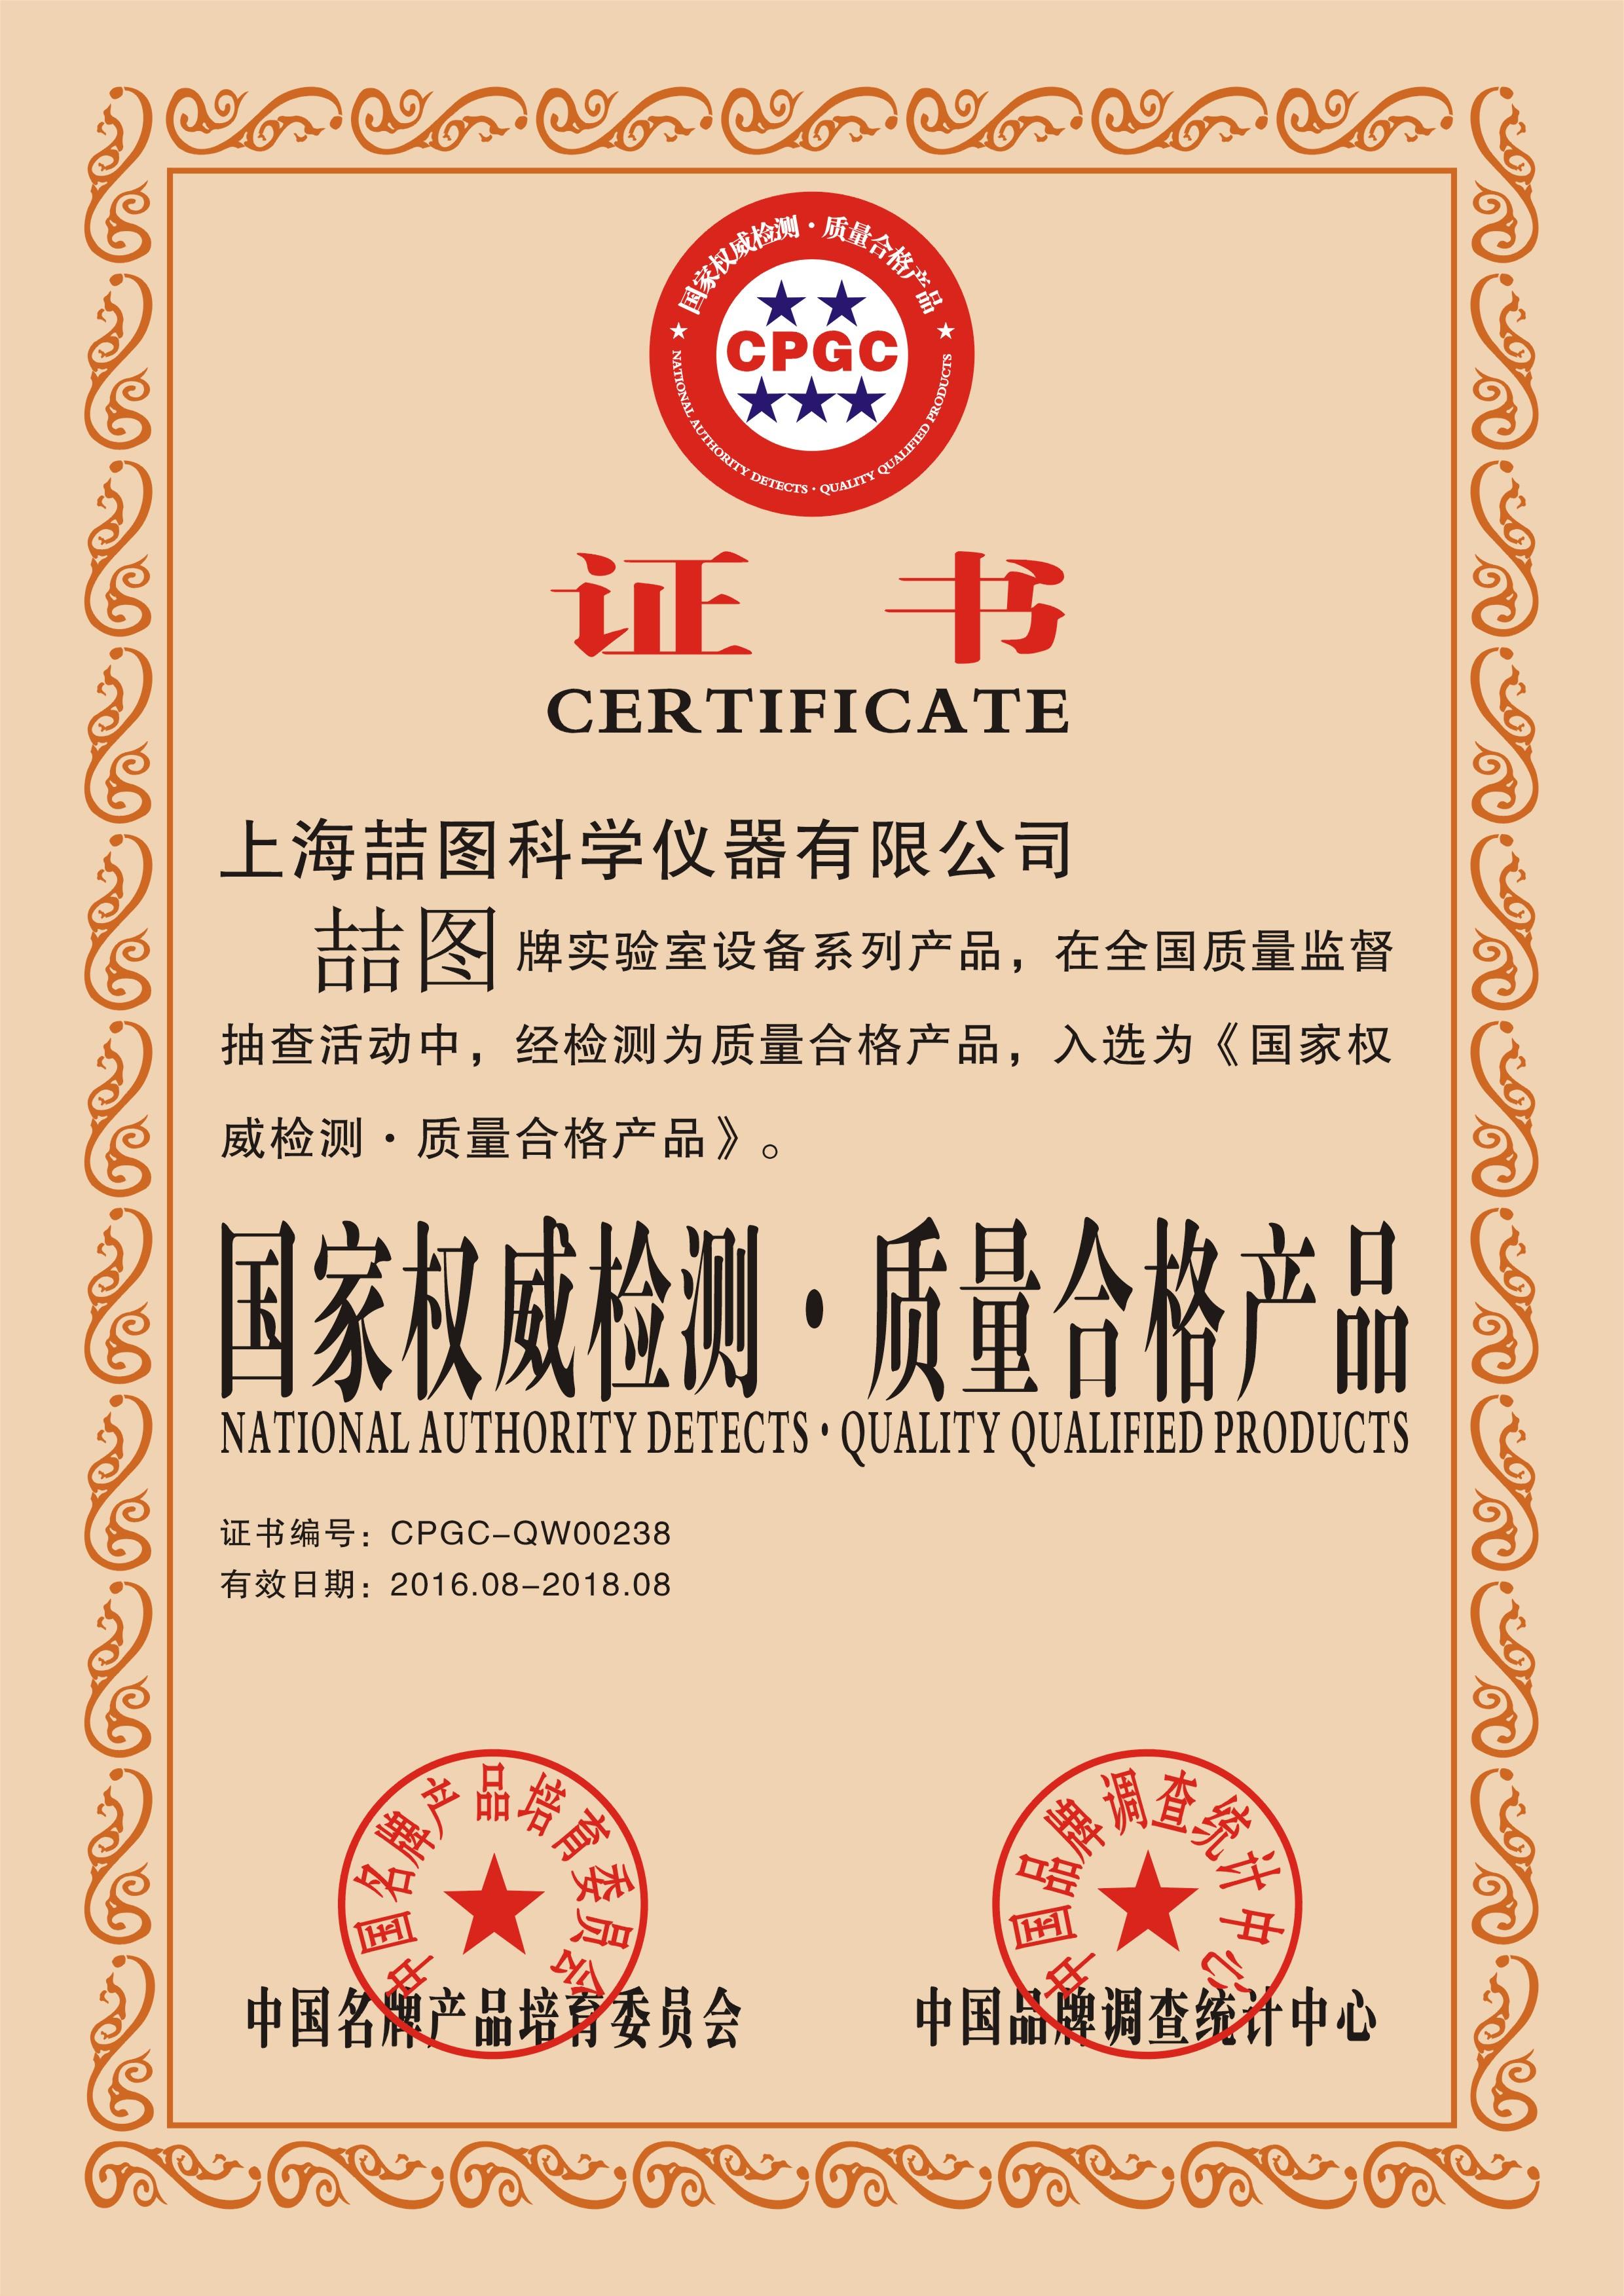 国家权威检测质量合格证书